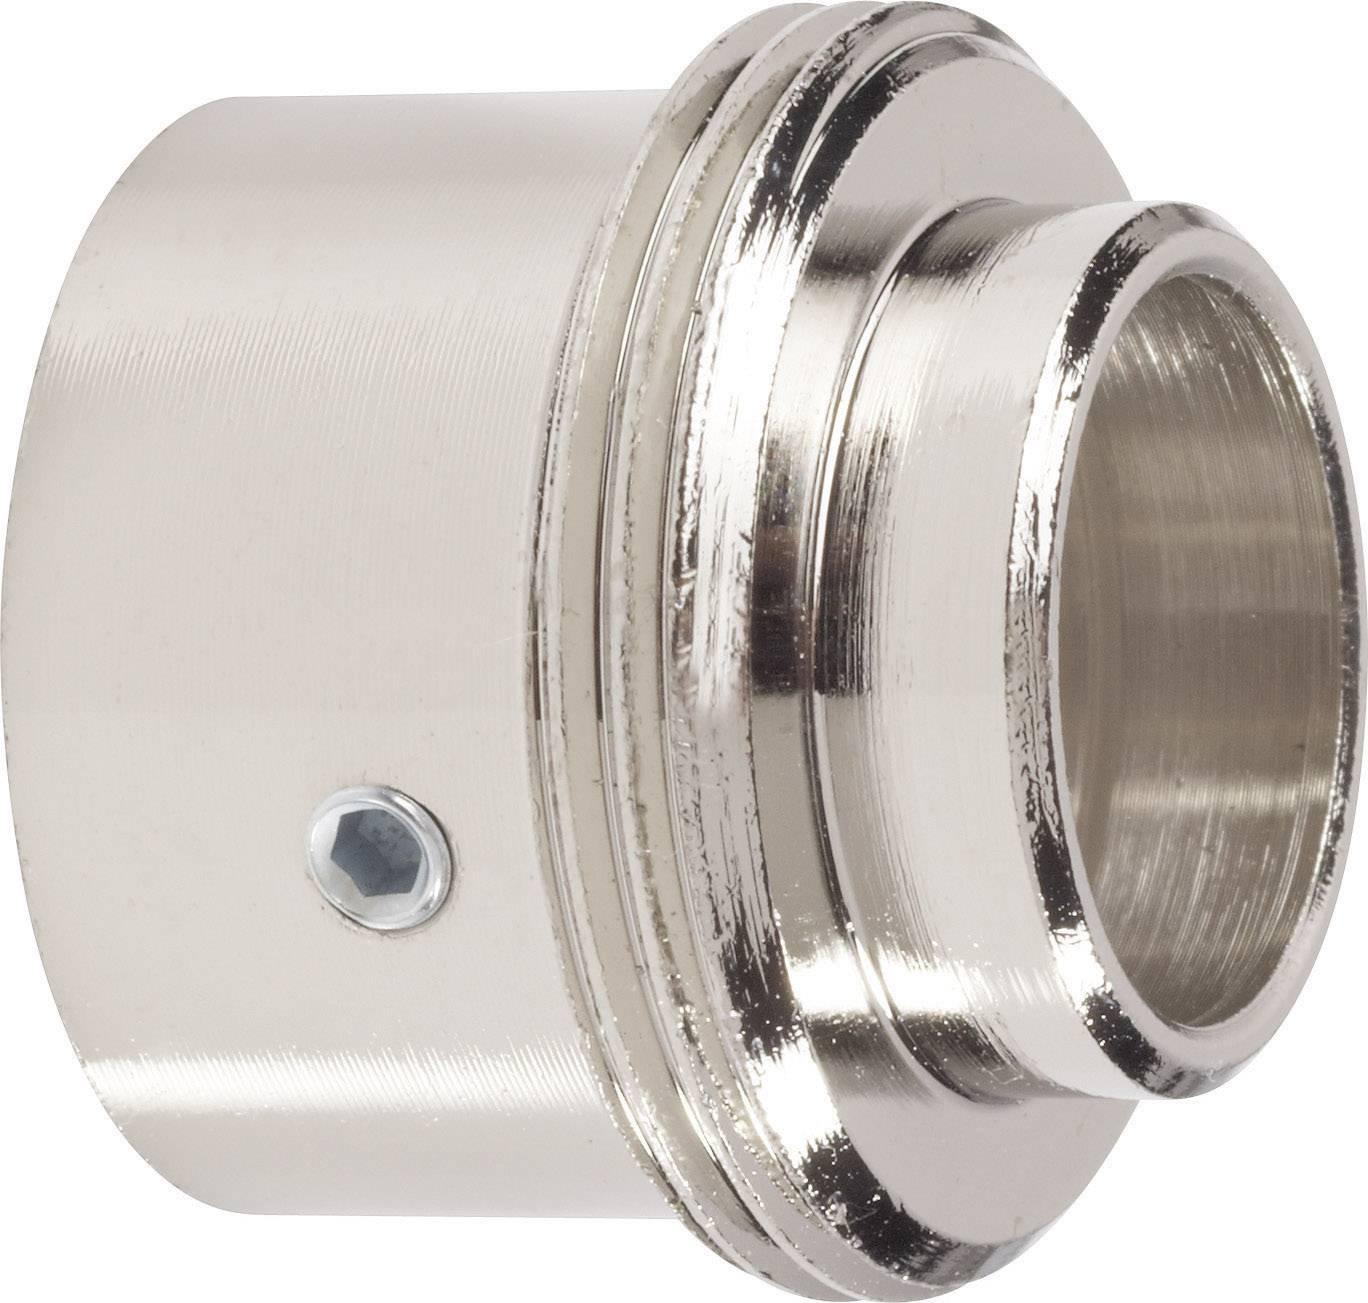 Mosadzný adaptér termostatu Danfoss RA 700 100 005 vhodný pre DanfossRA, 20 alebo 23 mm so 4 vrúbkami